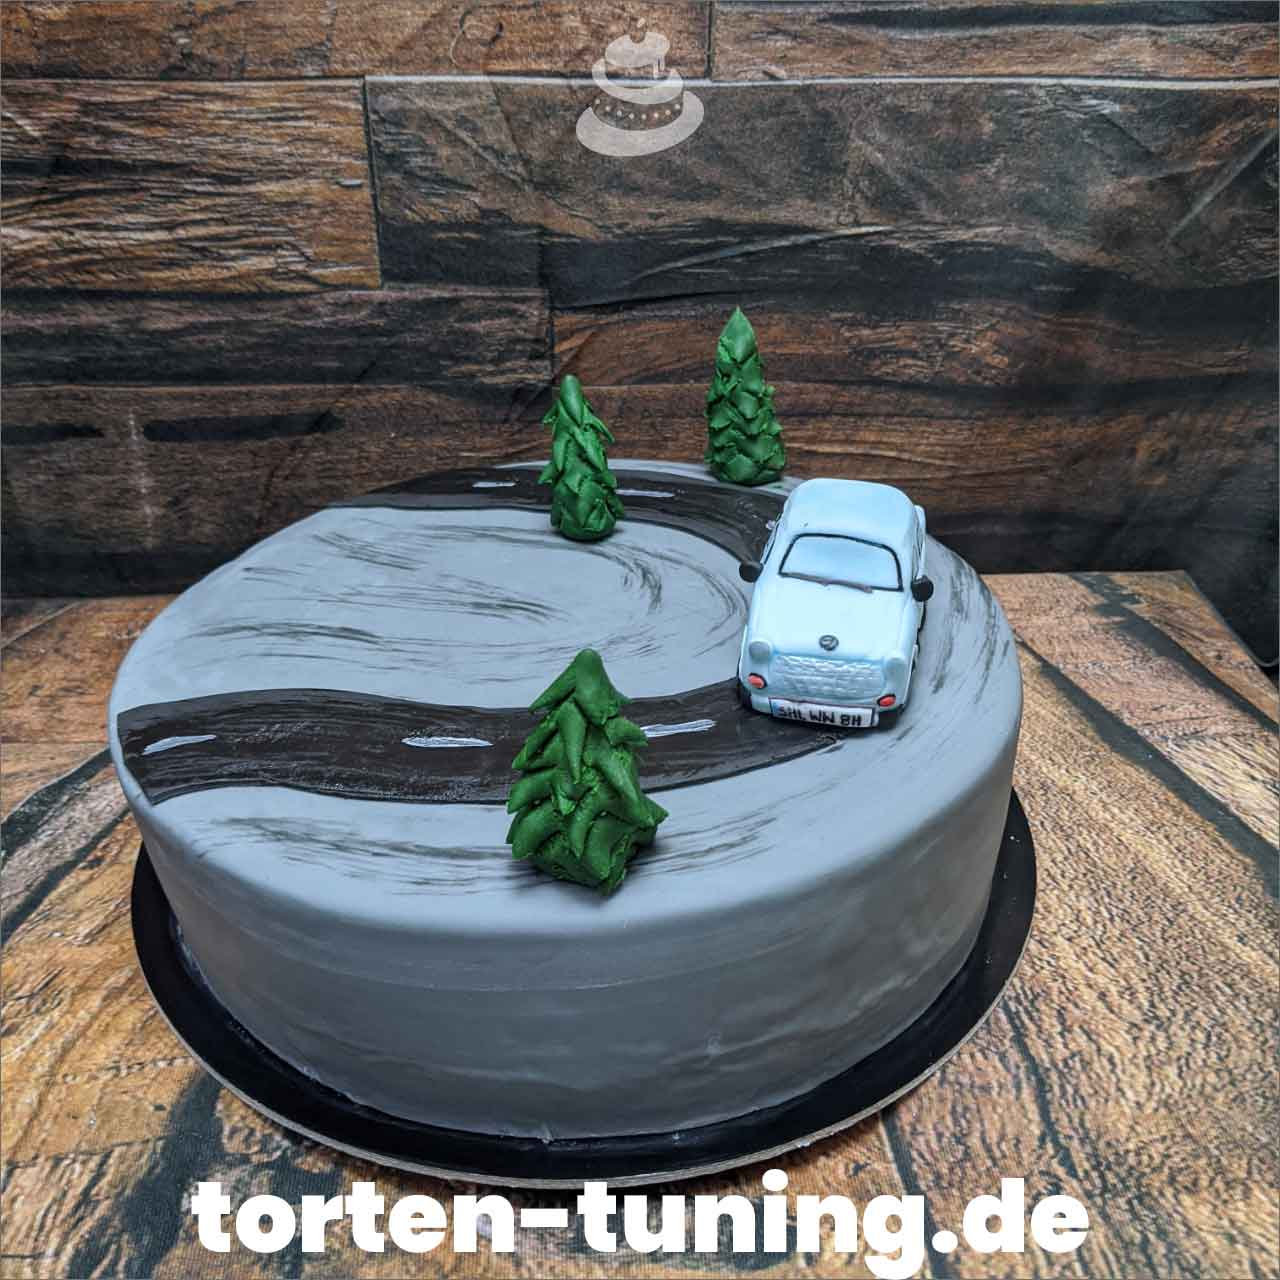 Trabbi Torten Tuning Tortendekoration Geburtstagstorten Suhl Thüringen Backzubehörshop online bestellen Jugendweihe modellierte Figur